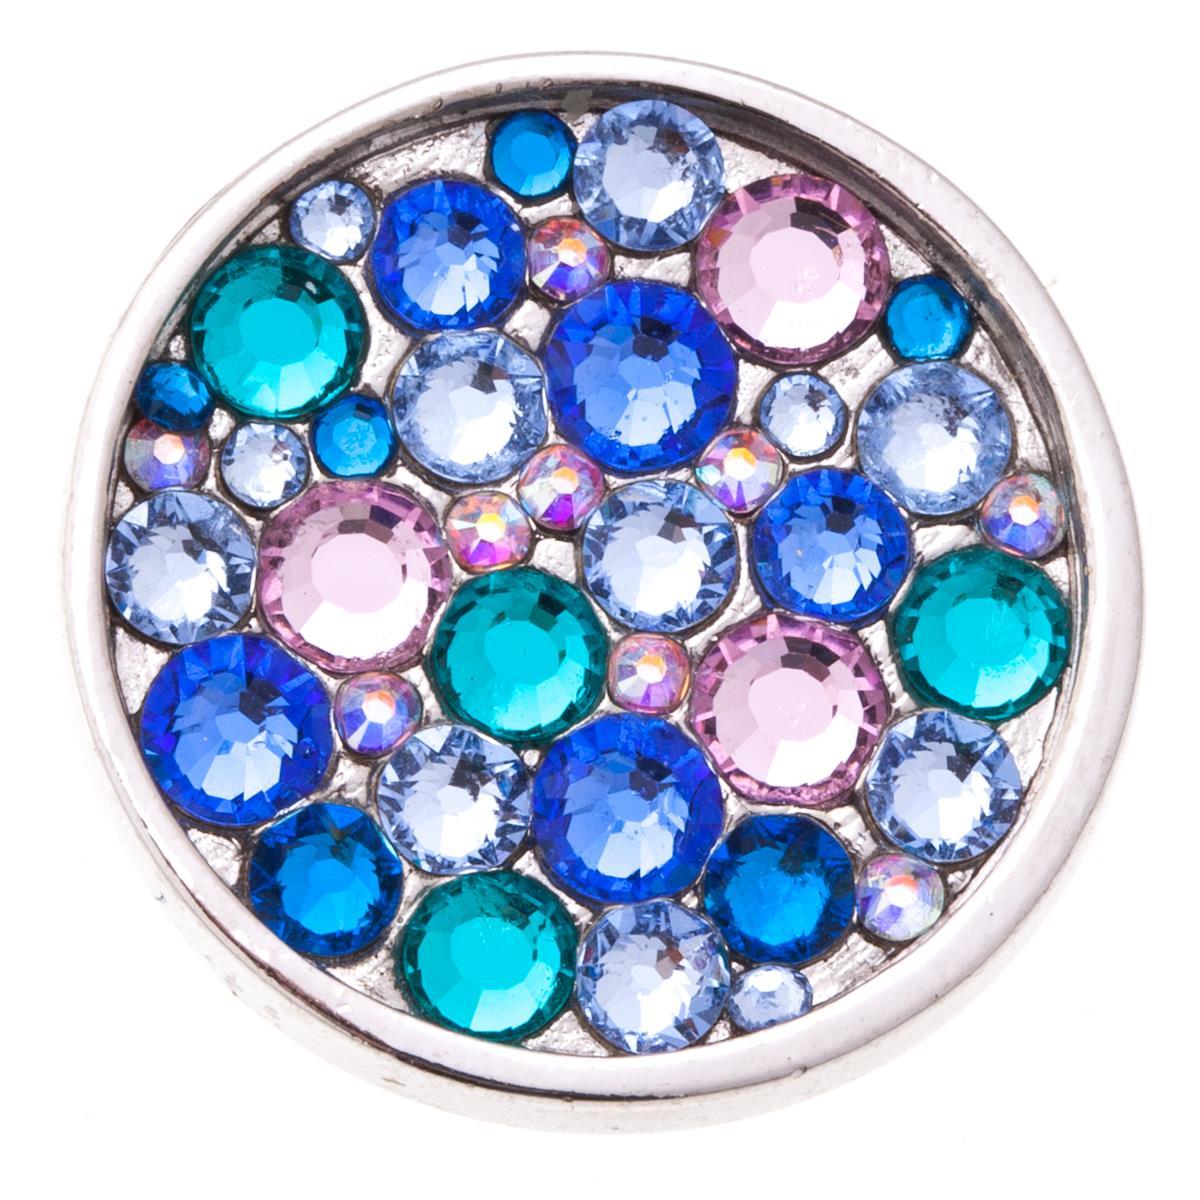 Накладка на кольцо-основу Jenavi Сцрев, цвет: серебряный, голубой, розовый, синий. k193fr40k193fr40Накладка на кольцо-основу Jenavi Сцрев выполнена в виде диска из ювелирного сплава, который оформлен россыпью кристаллов Swarovski. Изделие оснащено штифтом с резьбой, при помощи которого накладка фиксируется на кольце-основе. Накладка на кольцо-основу Jenavi позволит экспериментировать и дополнять ваш образ каждый день.